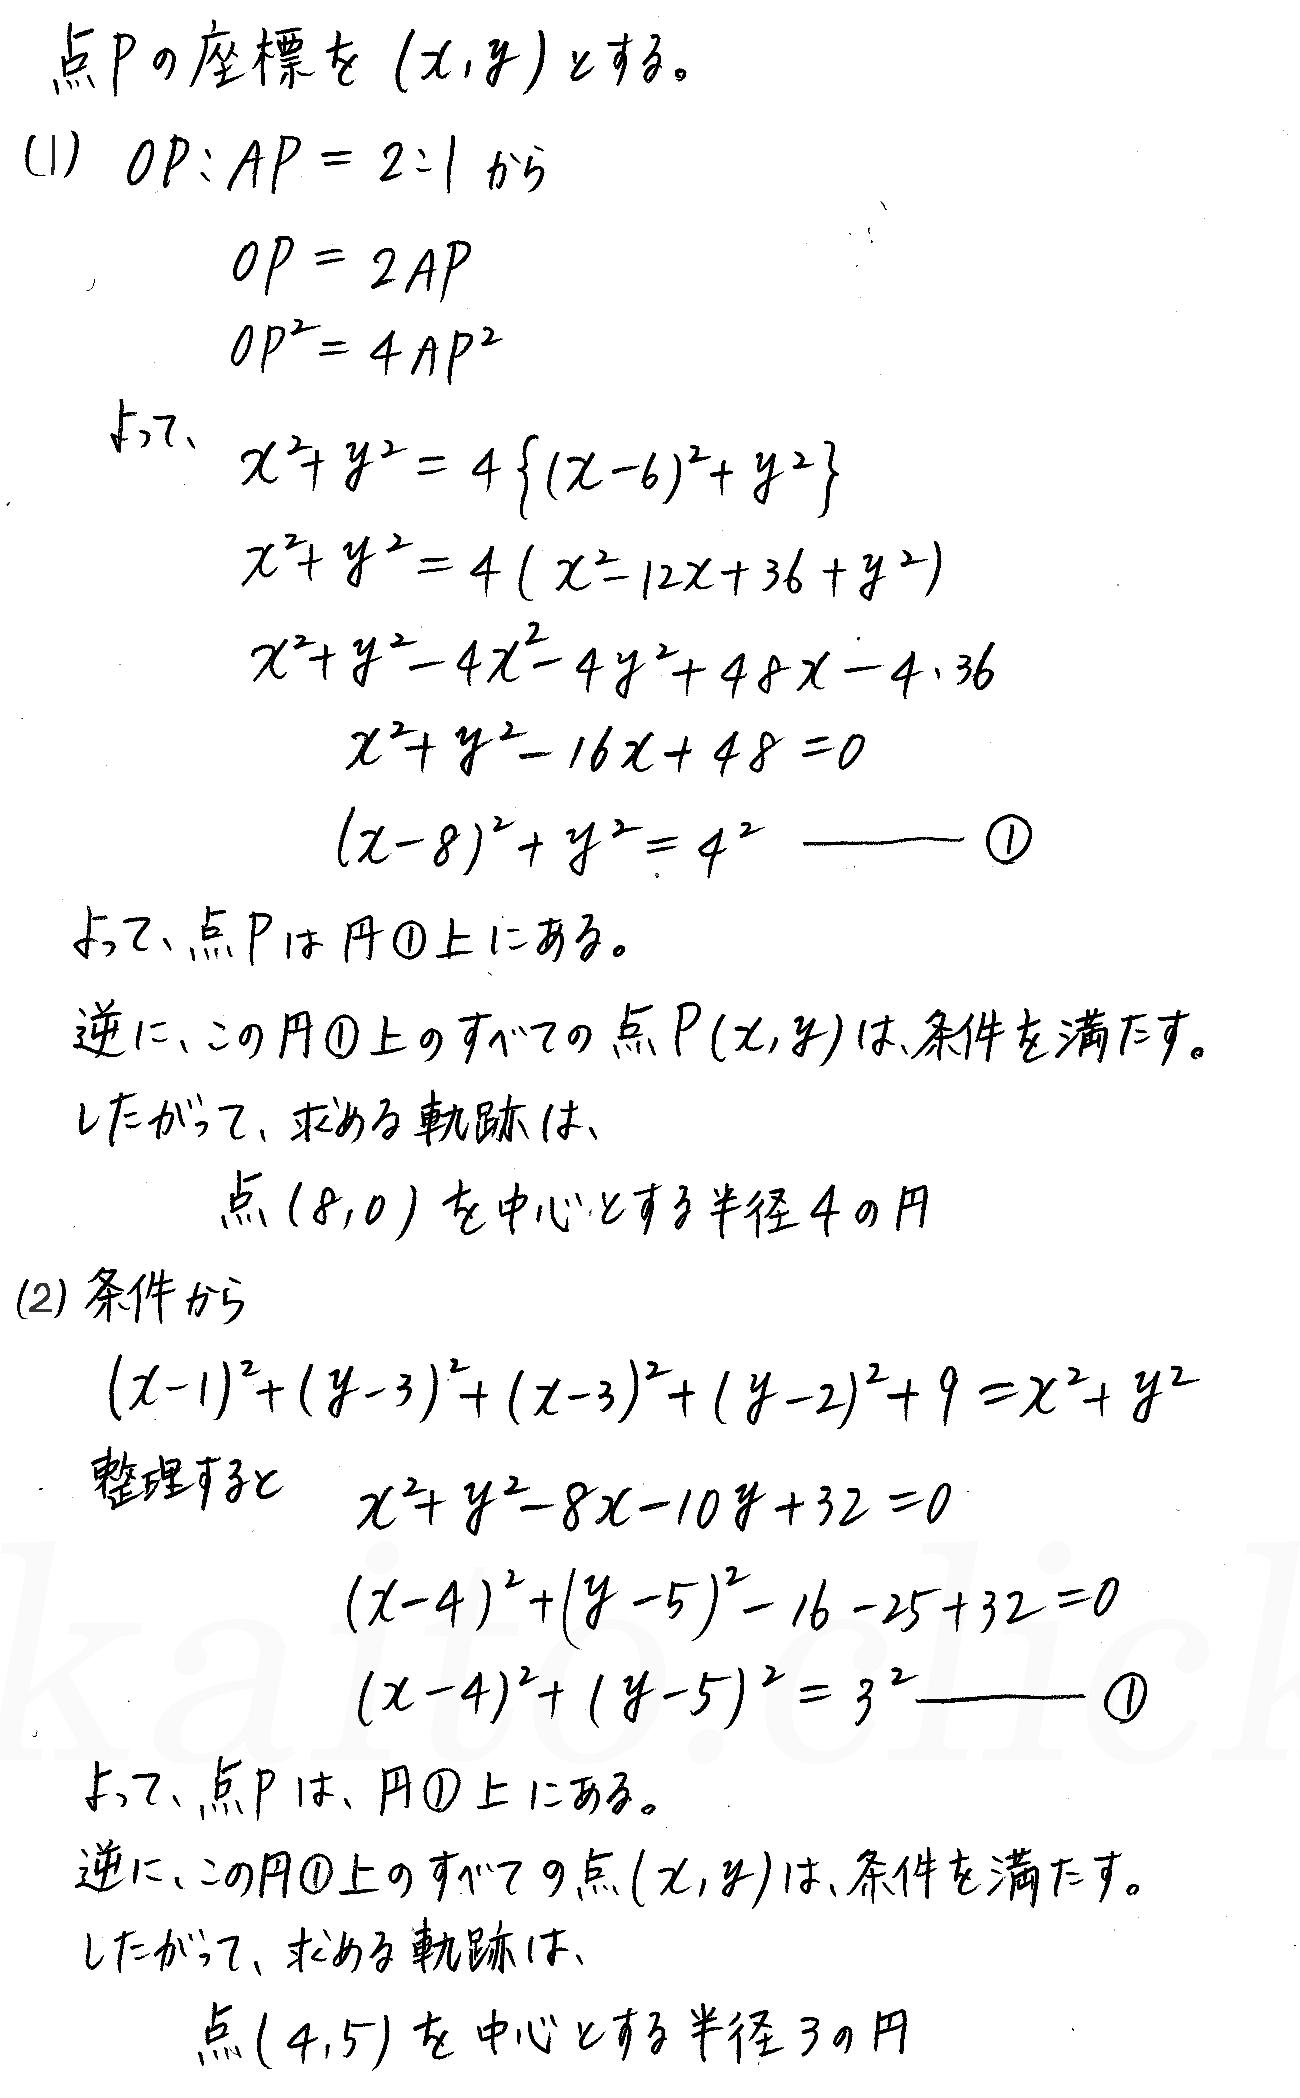 クリアー数学2-210解答